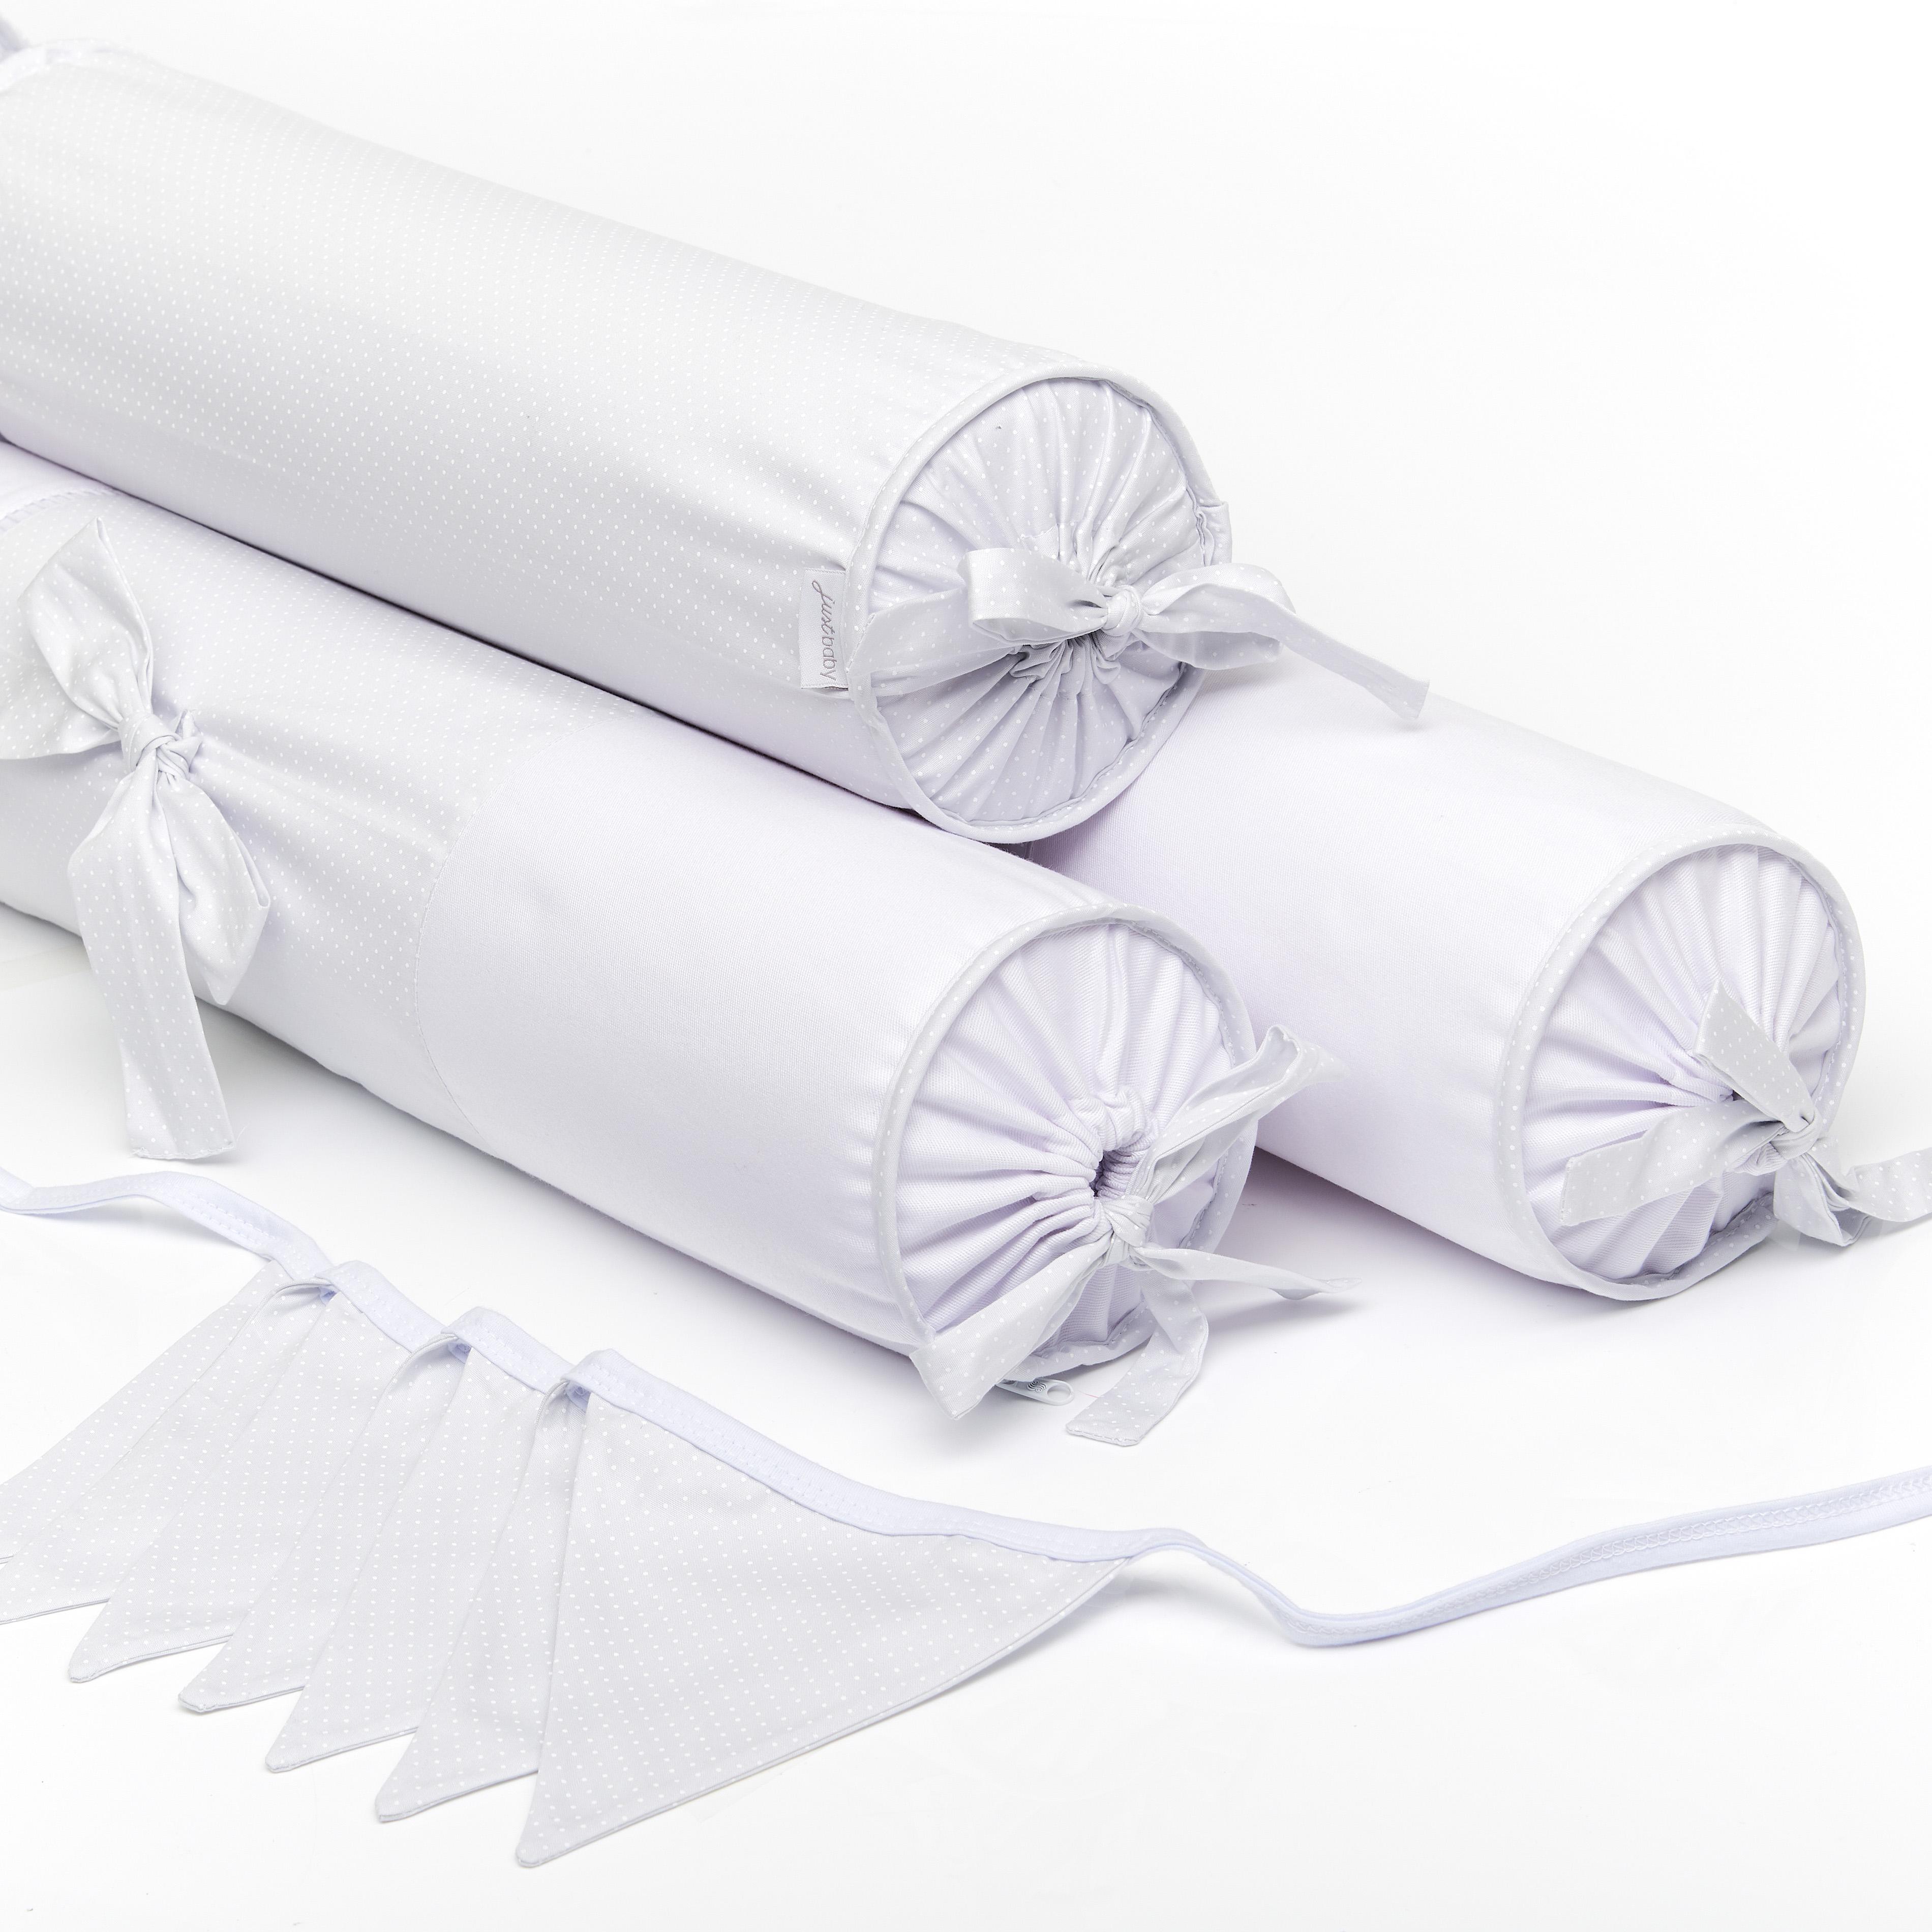 Kit de rolos clássico branco